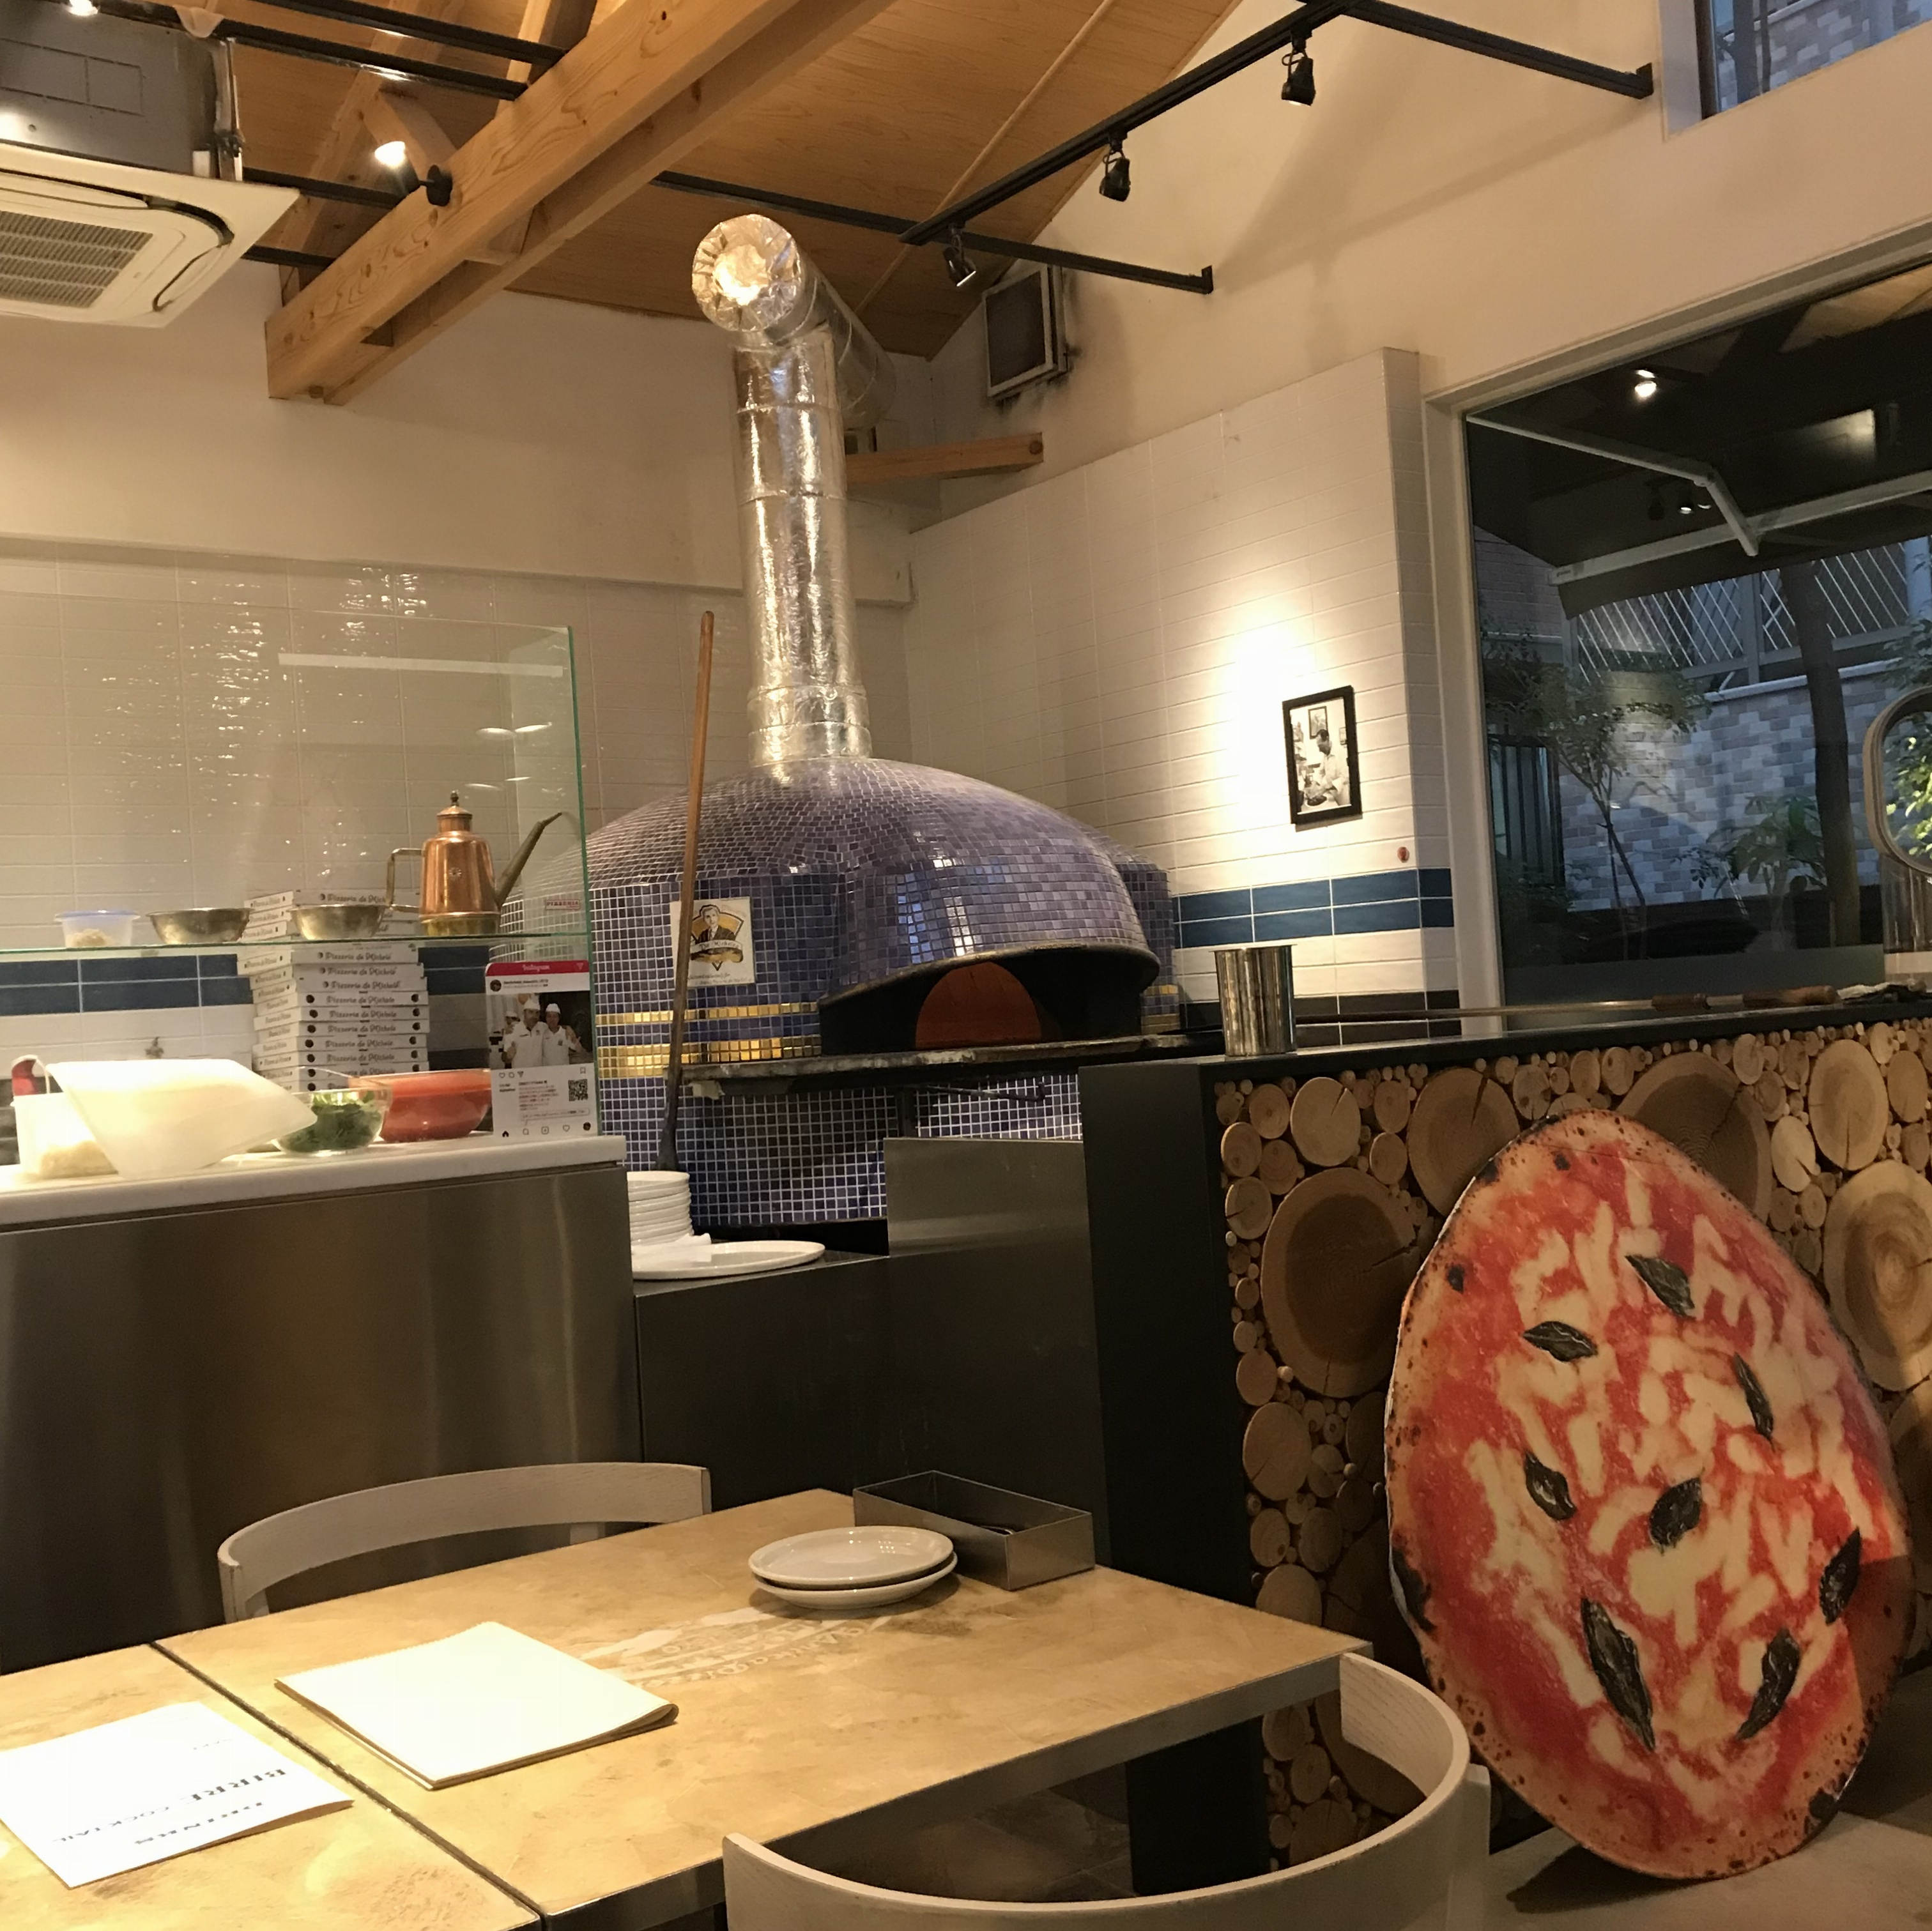 【グルメ】あのジュリア・ロバーツも食べた?!ナポリで行列の出来る有名店の第3号店が福岡に♡_1